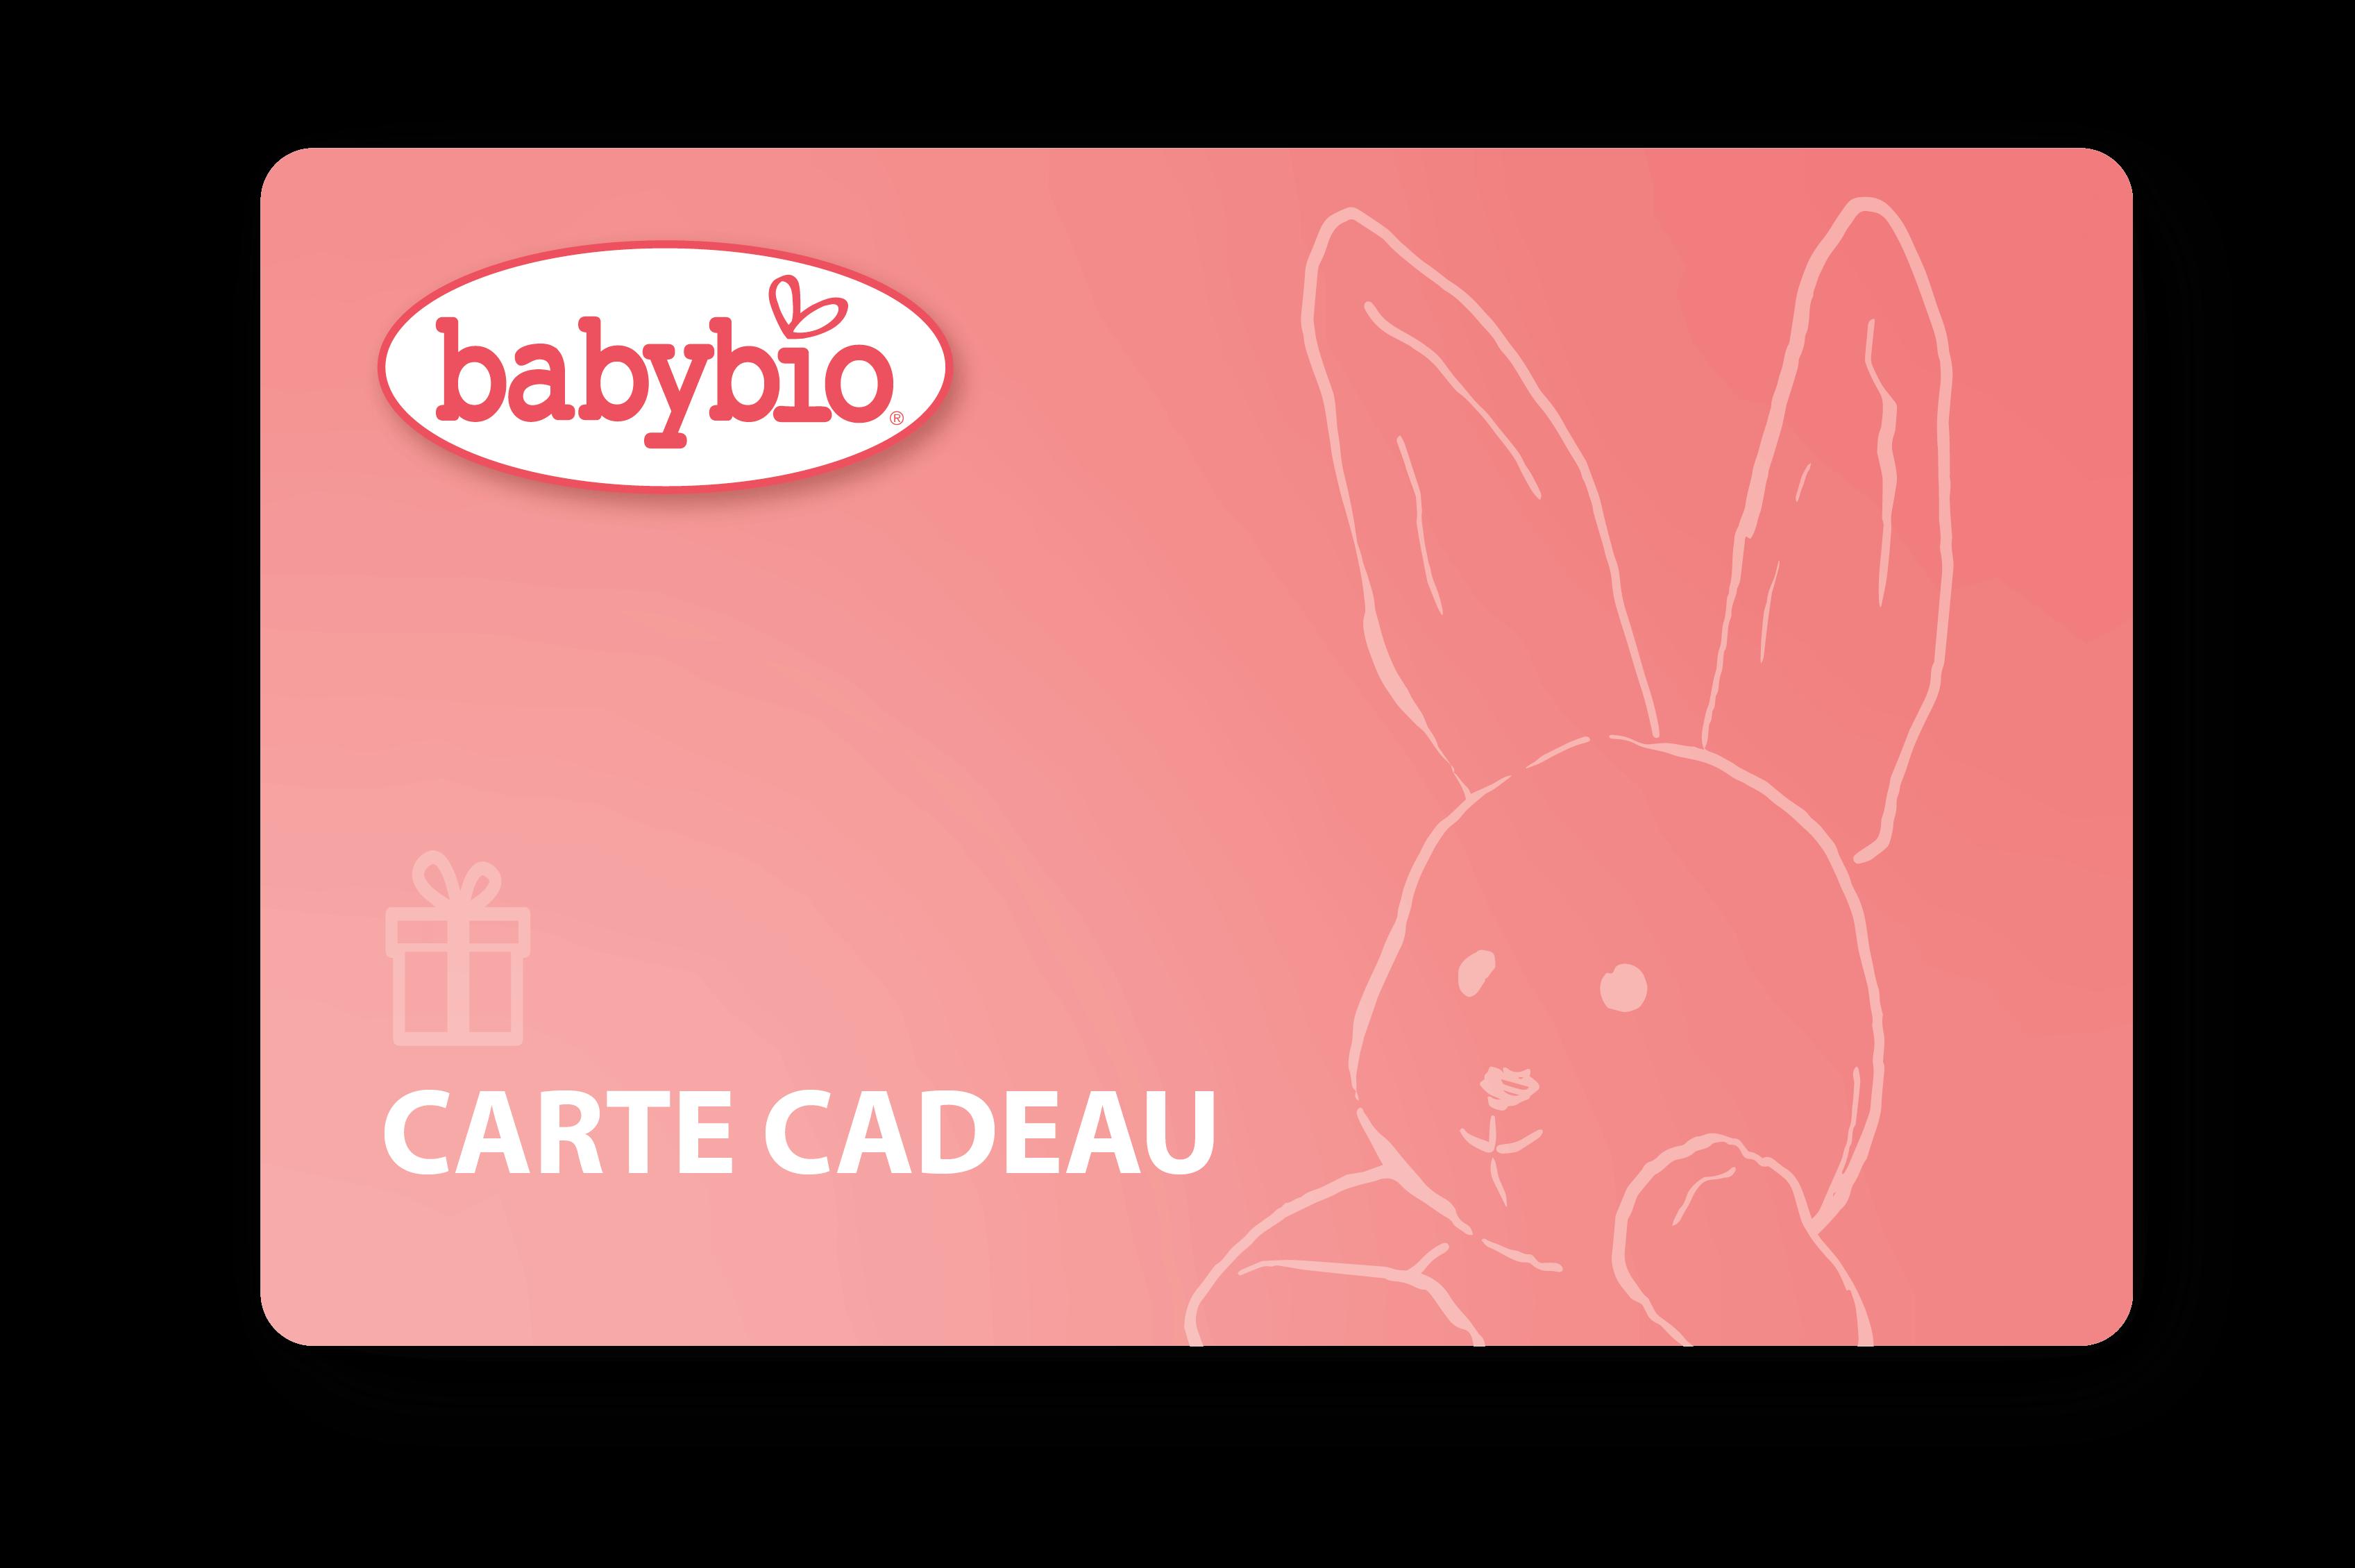 carte_cadeau_babybio-new.png